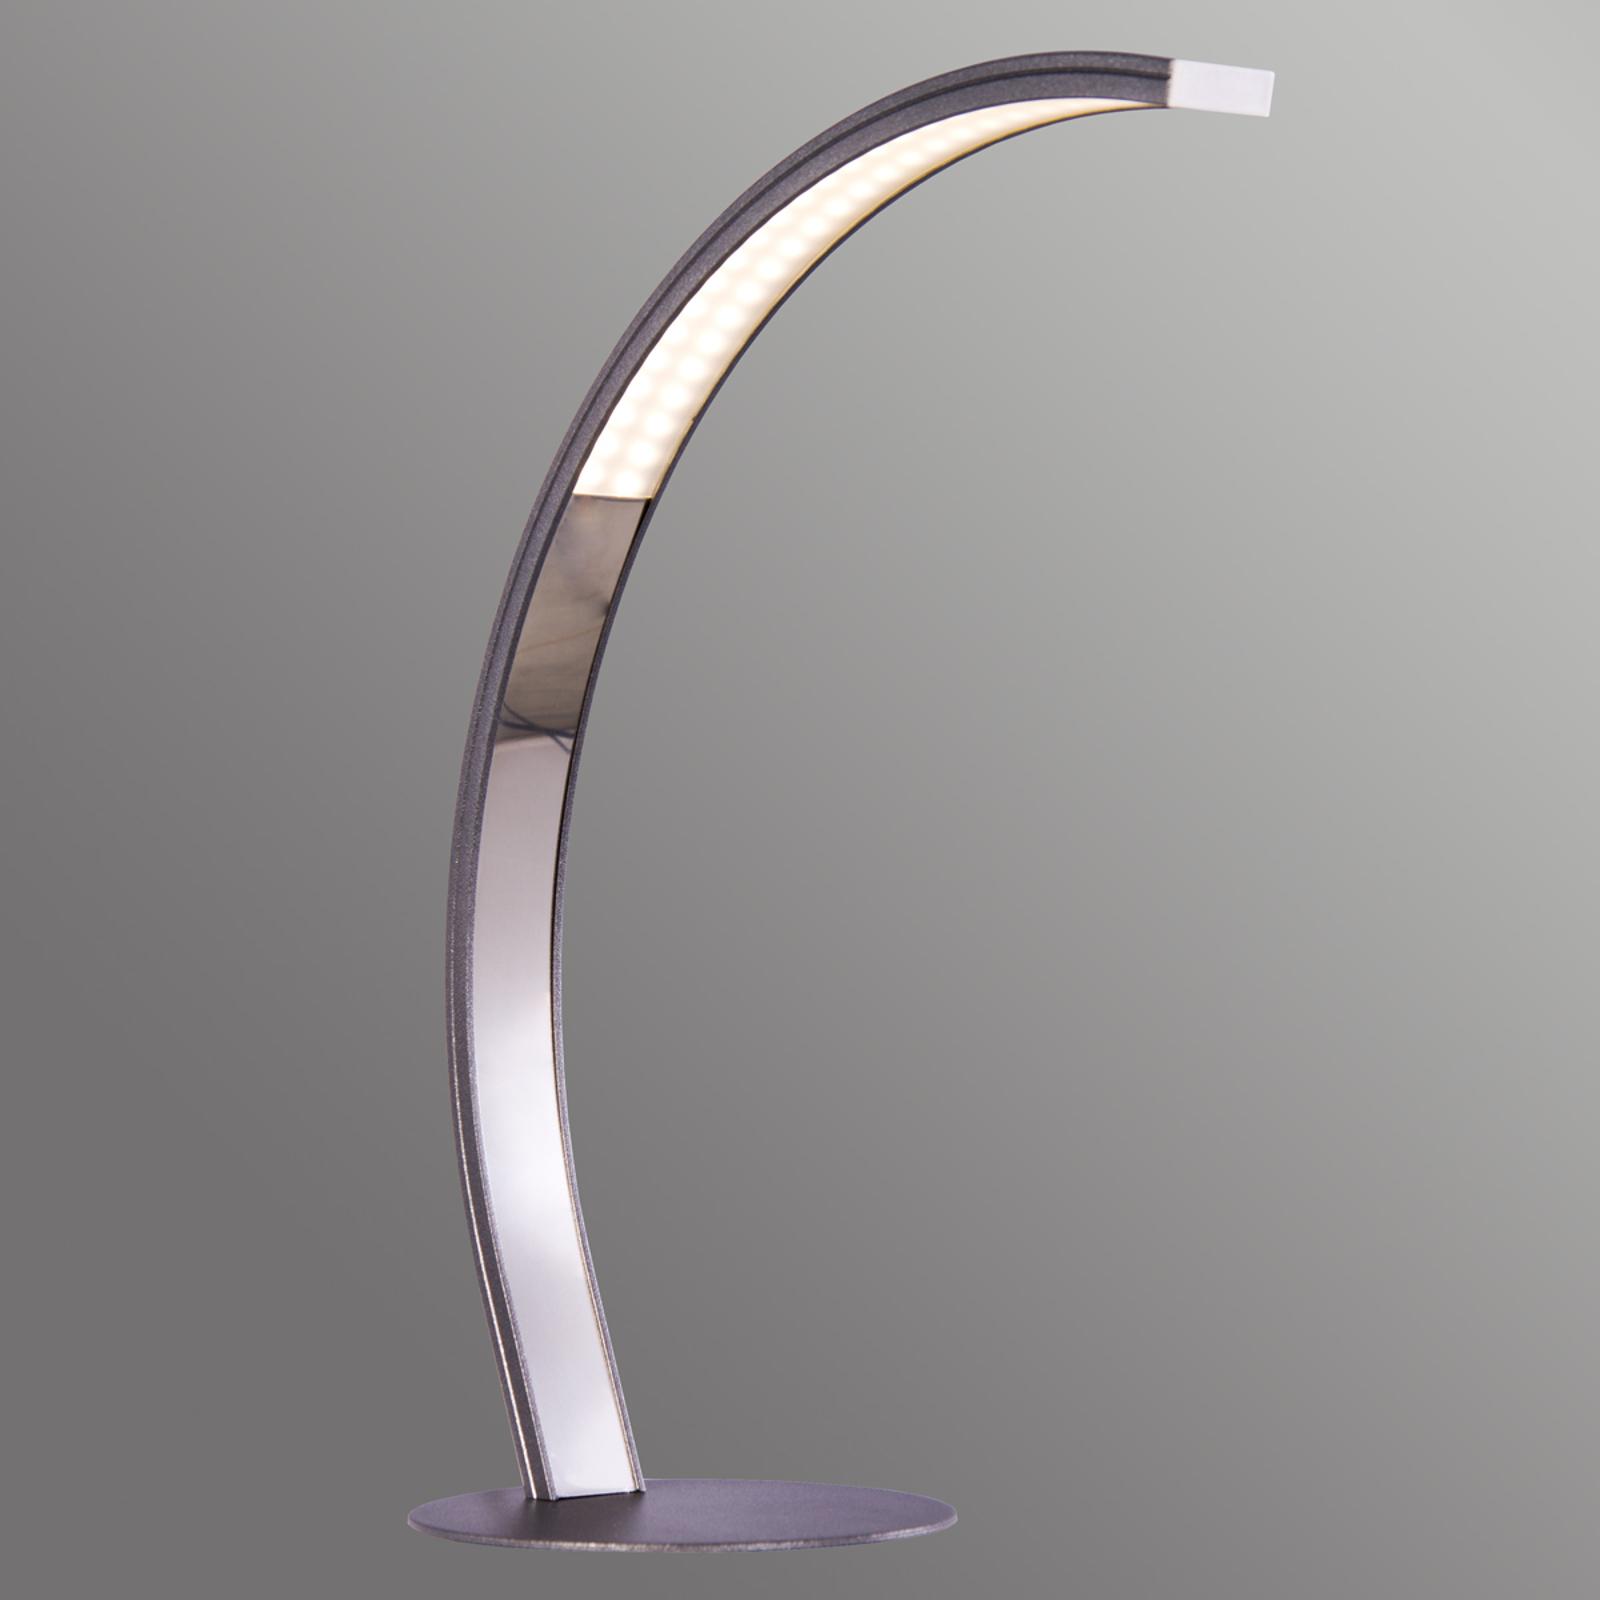 Lampe à poser arquée LED Largo